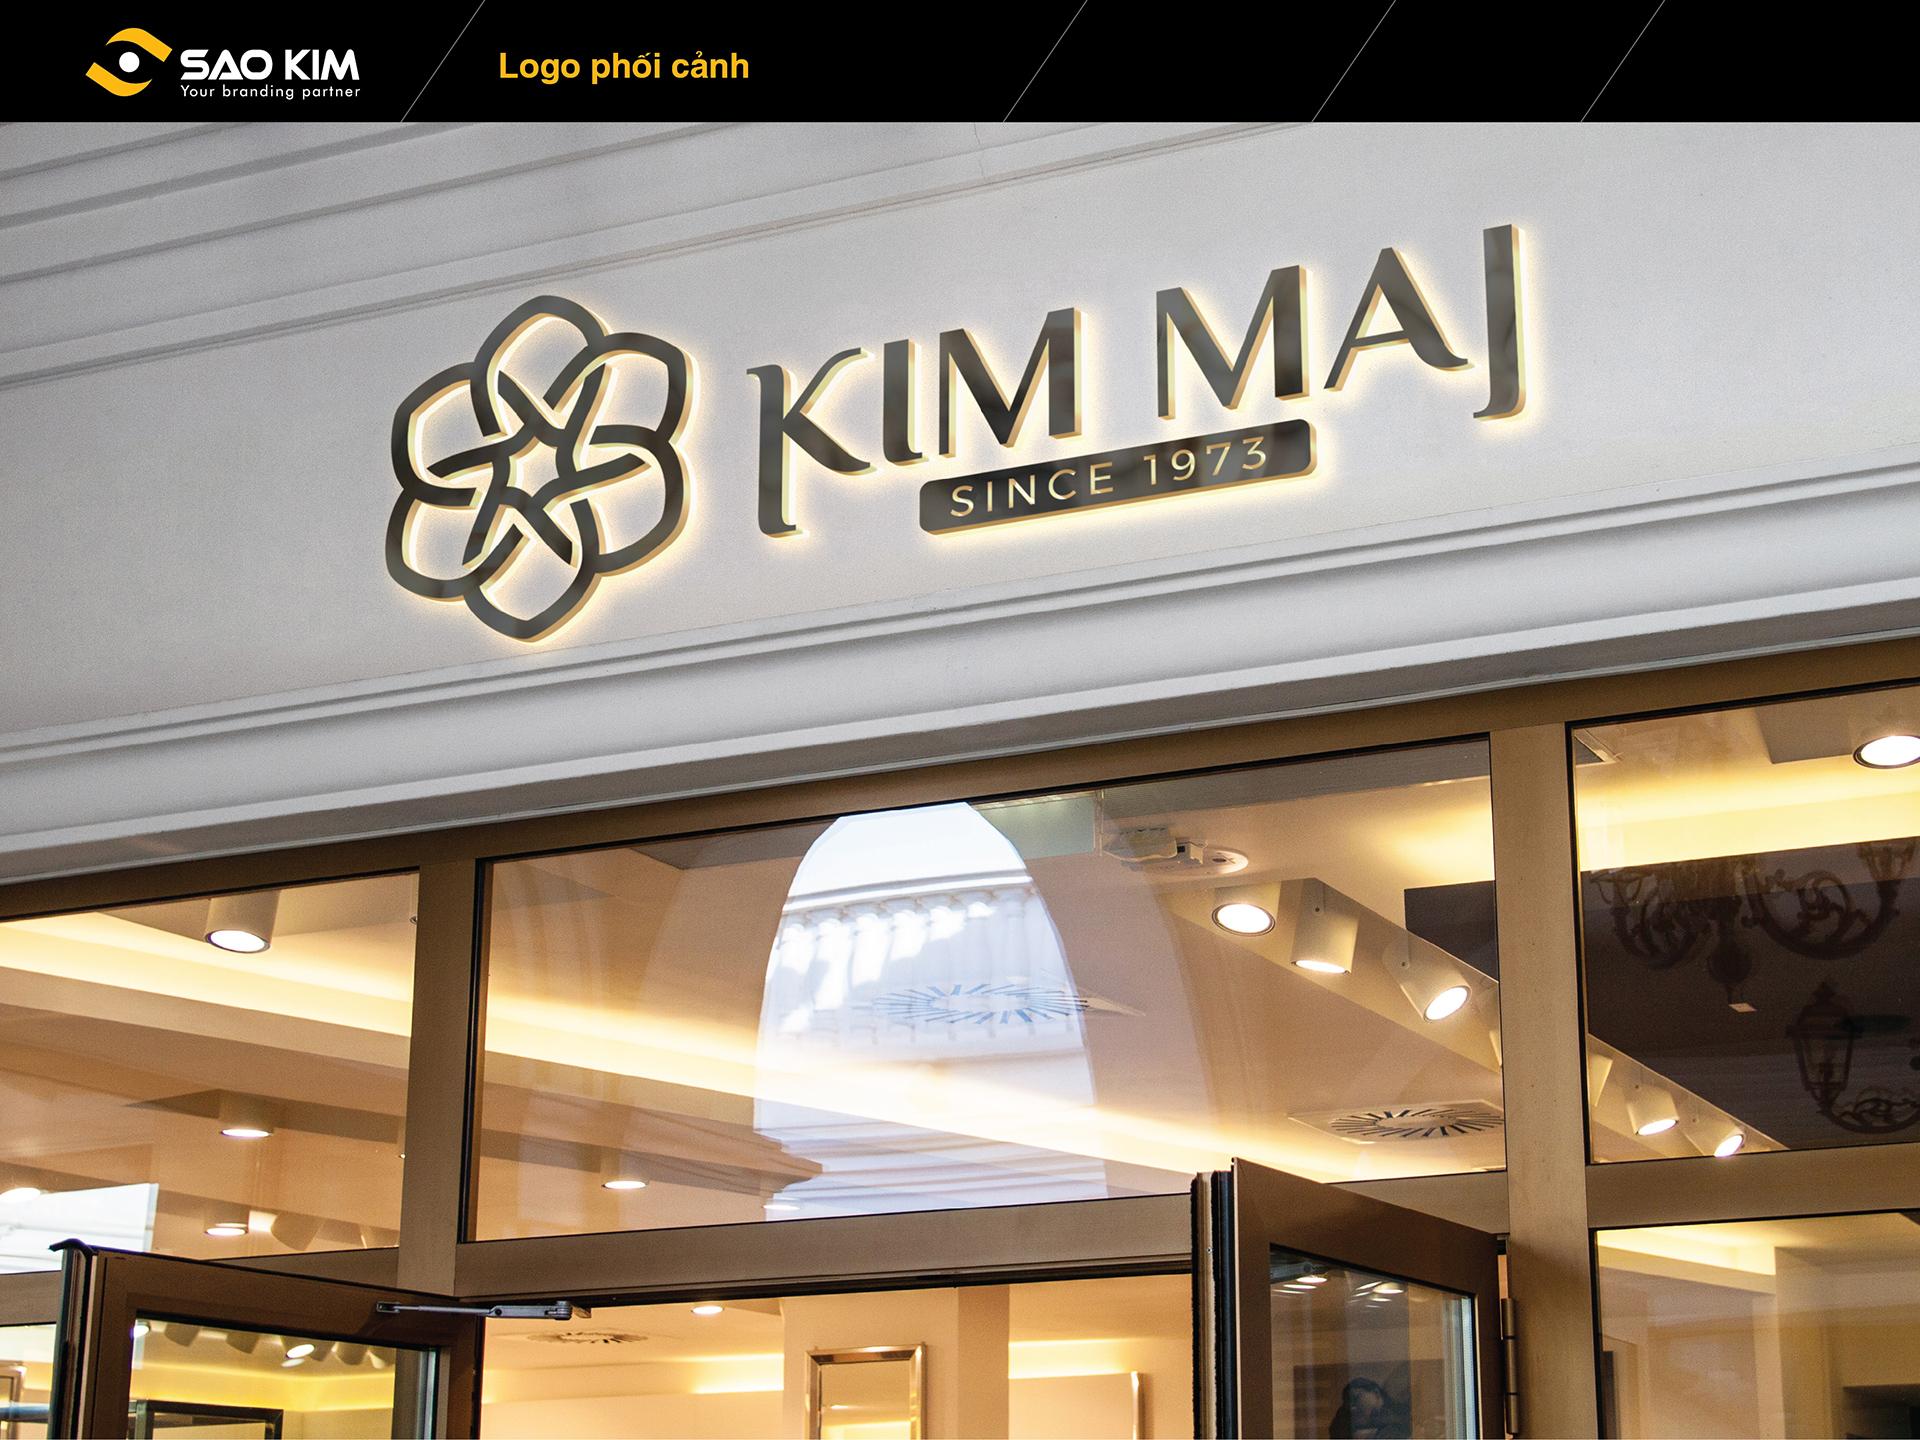 Thiết kế logo và biển bảng thương hiệu trang sức nữ cho doanh nghiệp Kim Mai tại An Giang